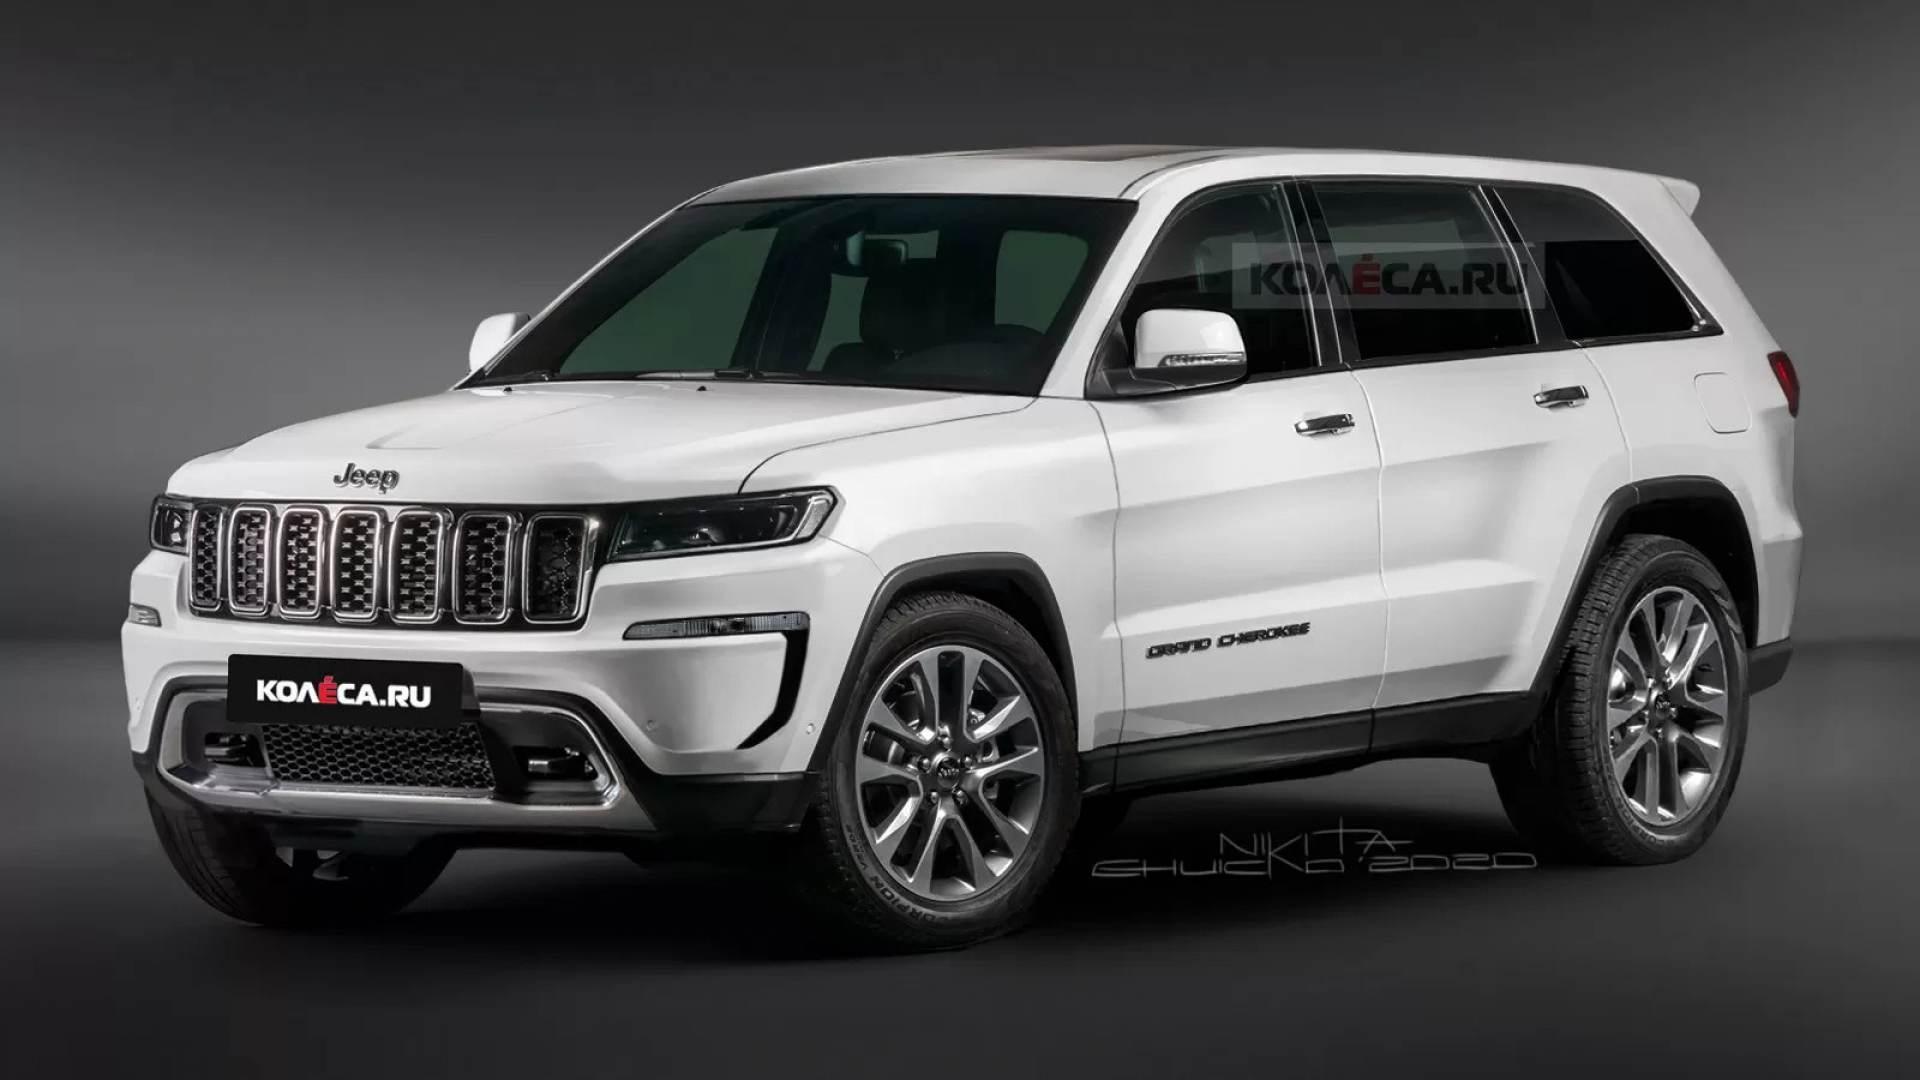 Nuova Jeep Grand Cherokee: il suo design sarà questo?